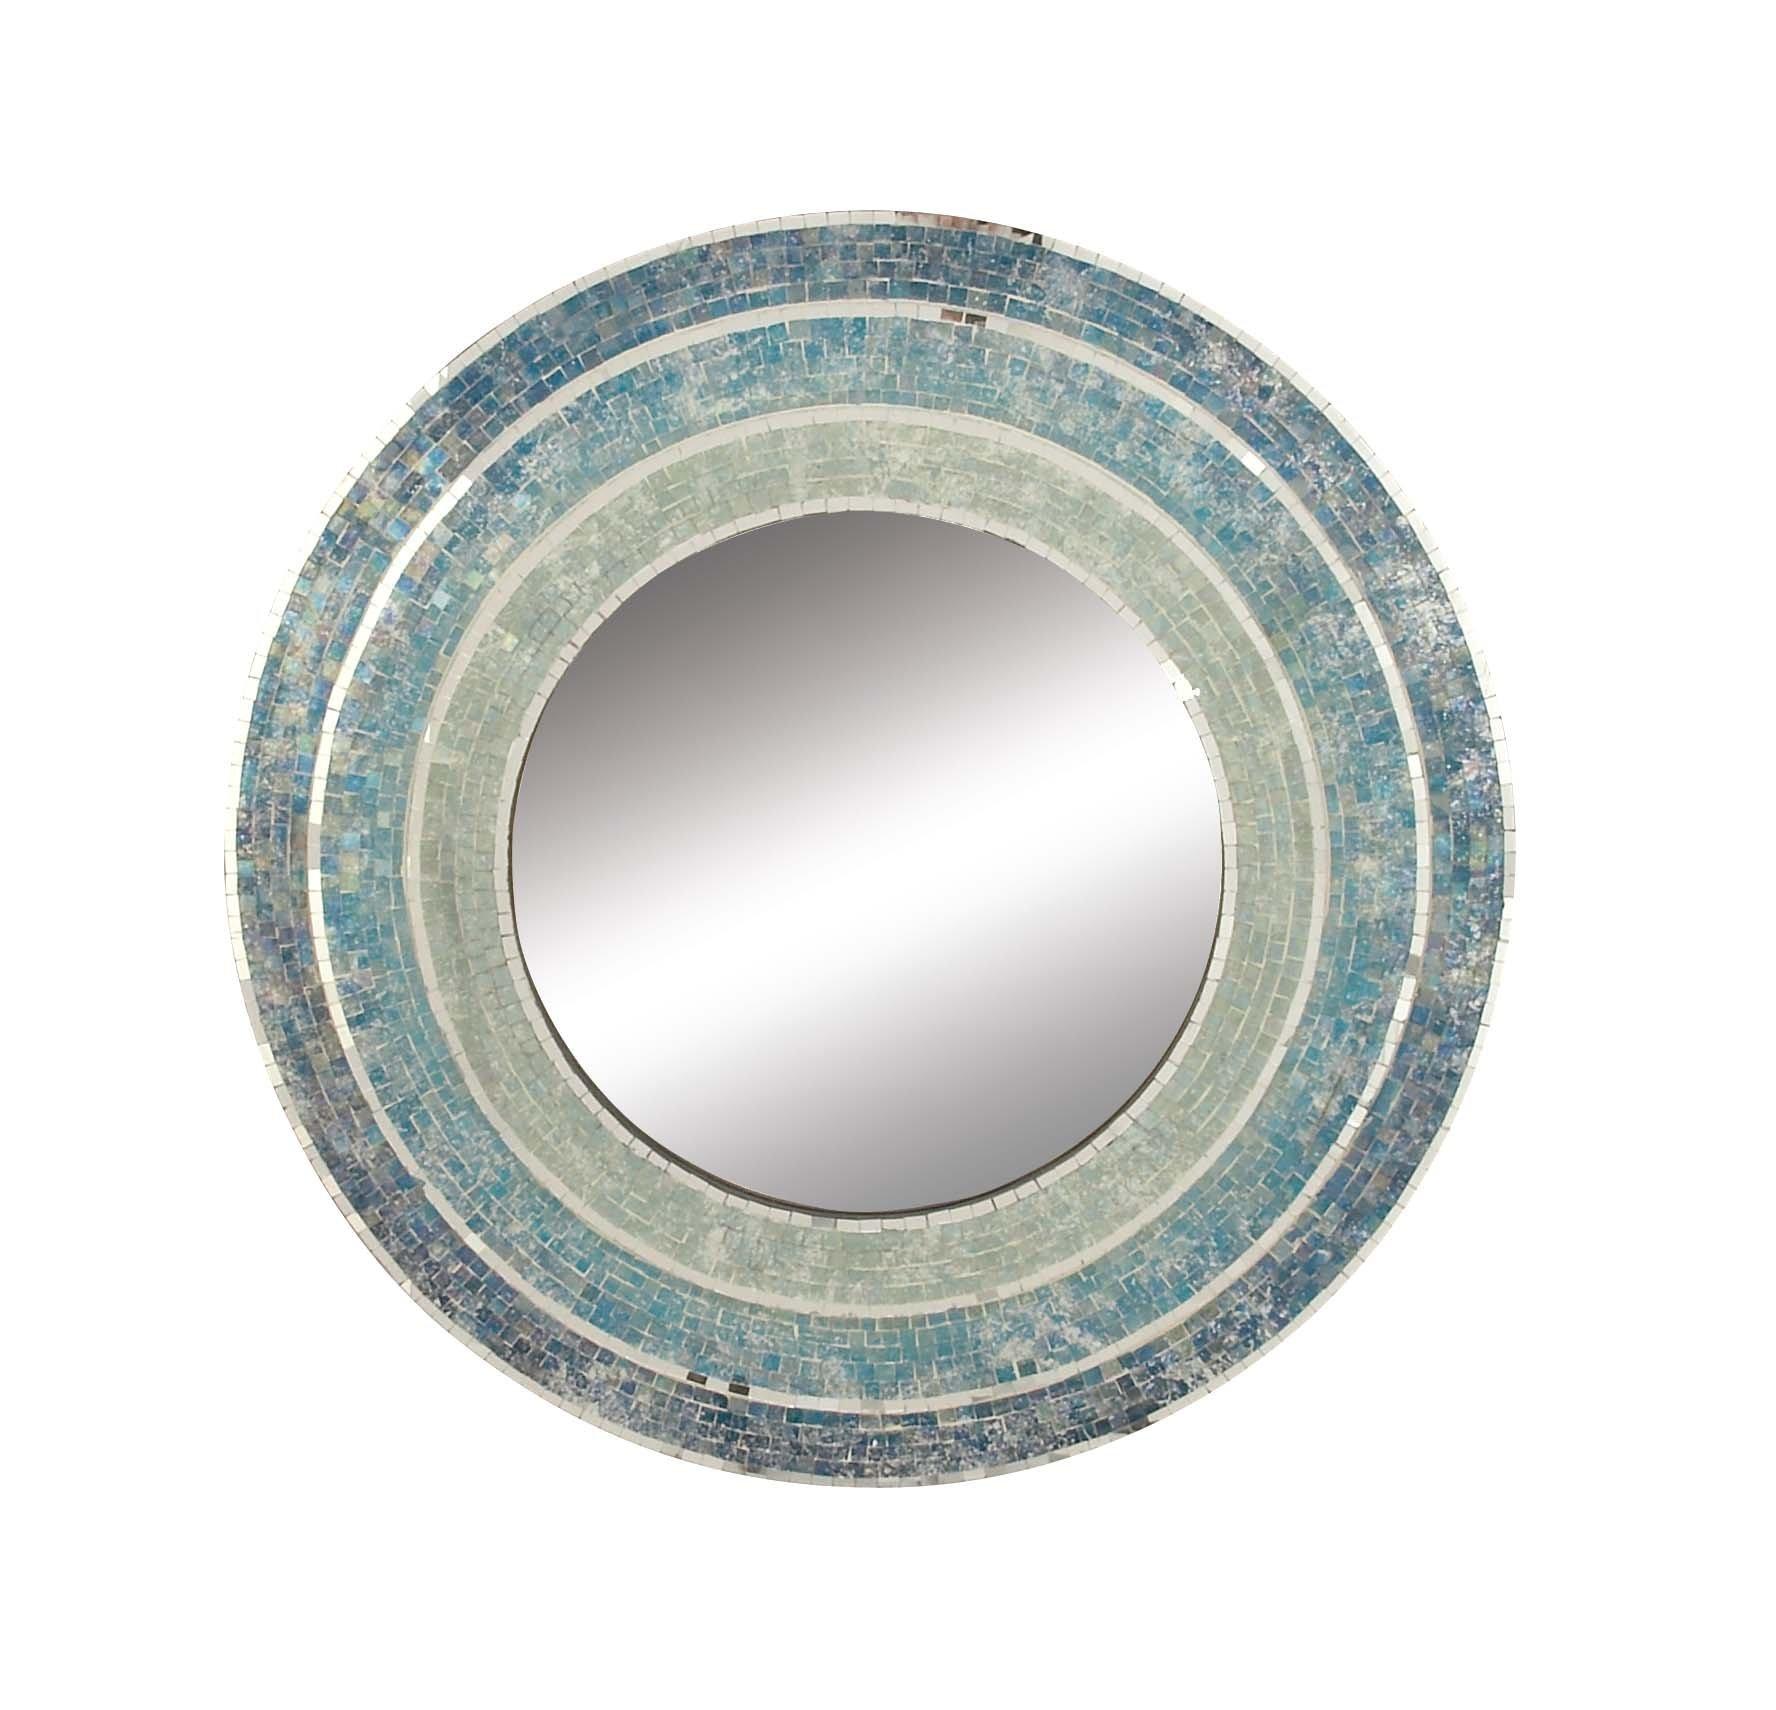 Interior Mirrors -  -  - 71ZrmSclU1L -